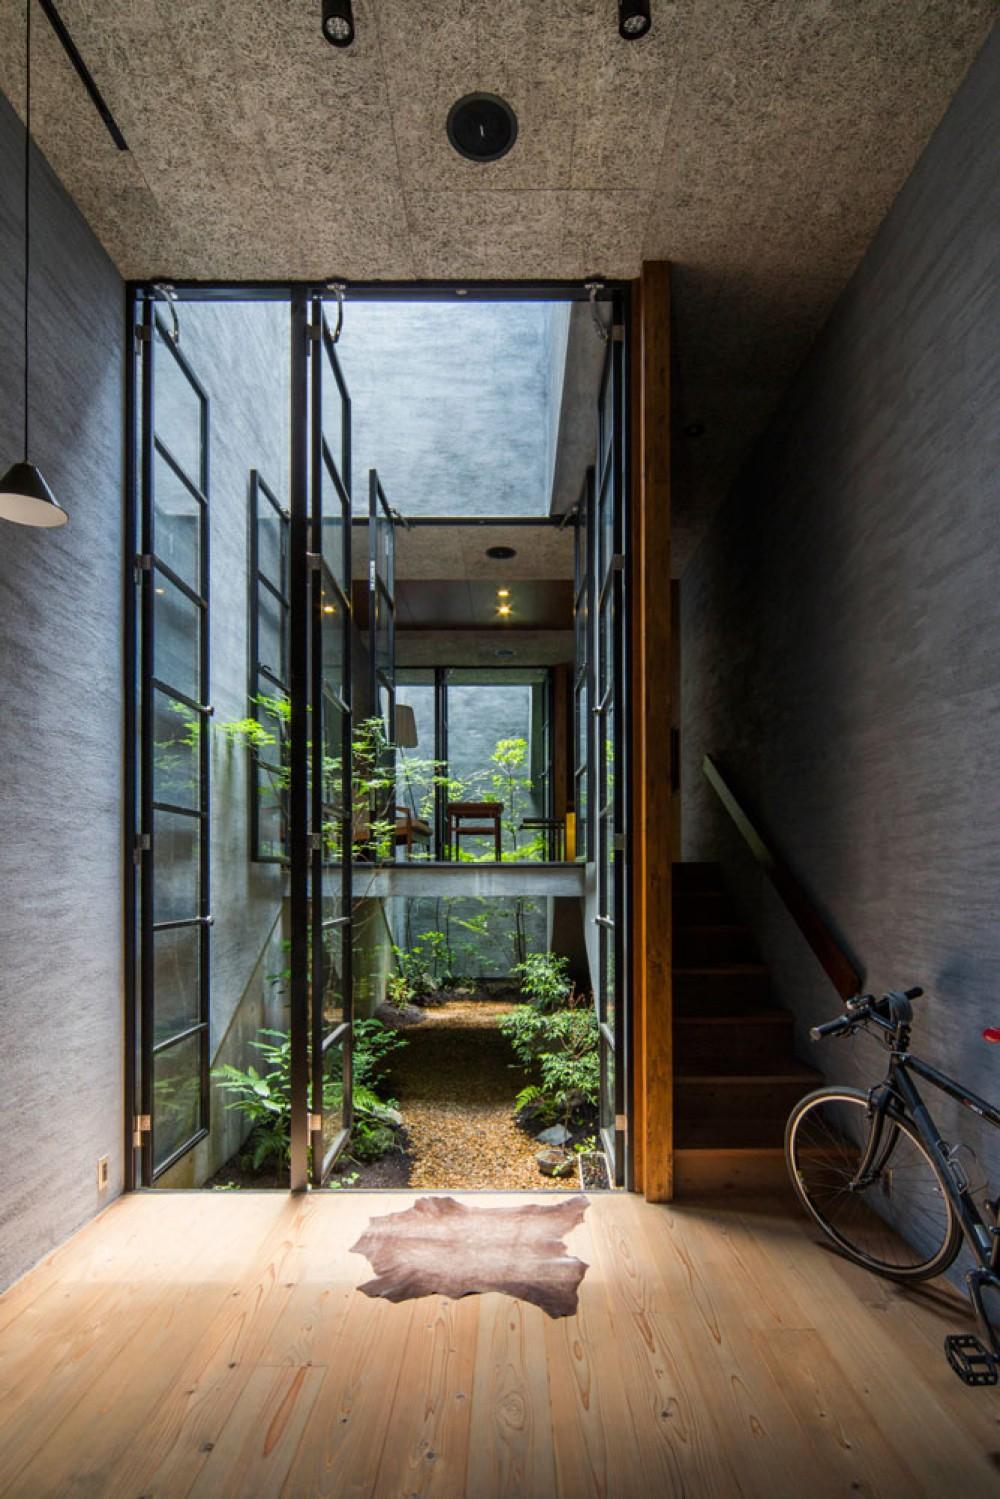 Căn nhà ống kín như bưng nhưng bên trong lại tràn ngập ánh sáng tự nhiên đến khó tin ở Nhật - Ảnh 6.